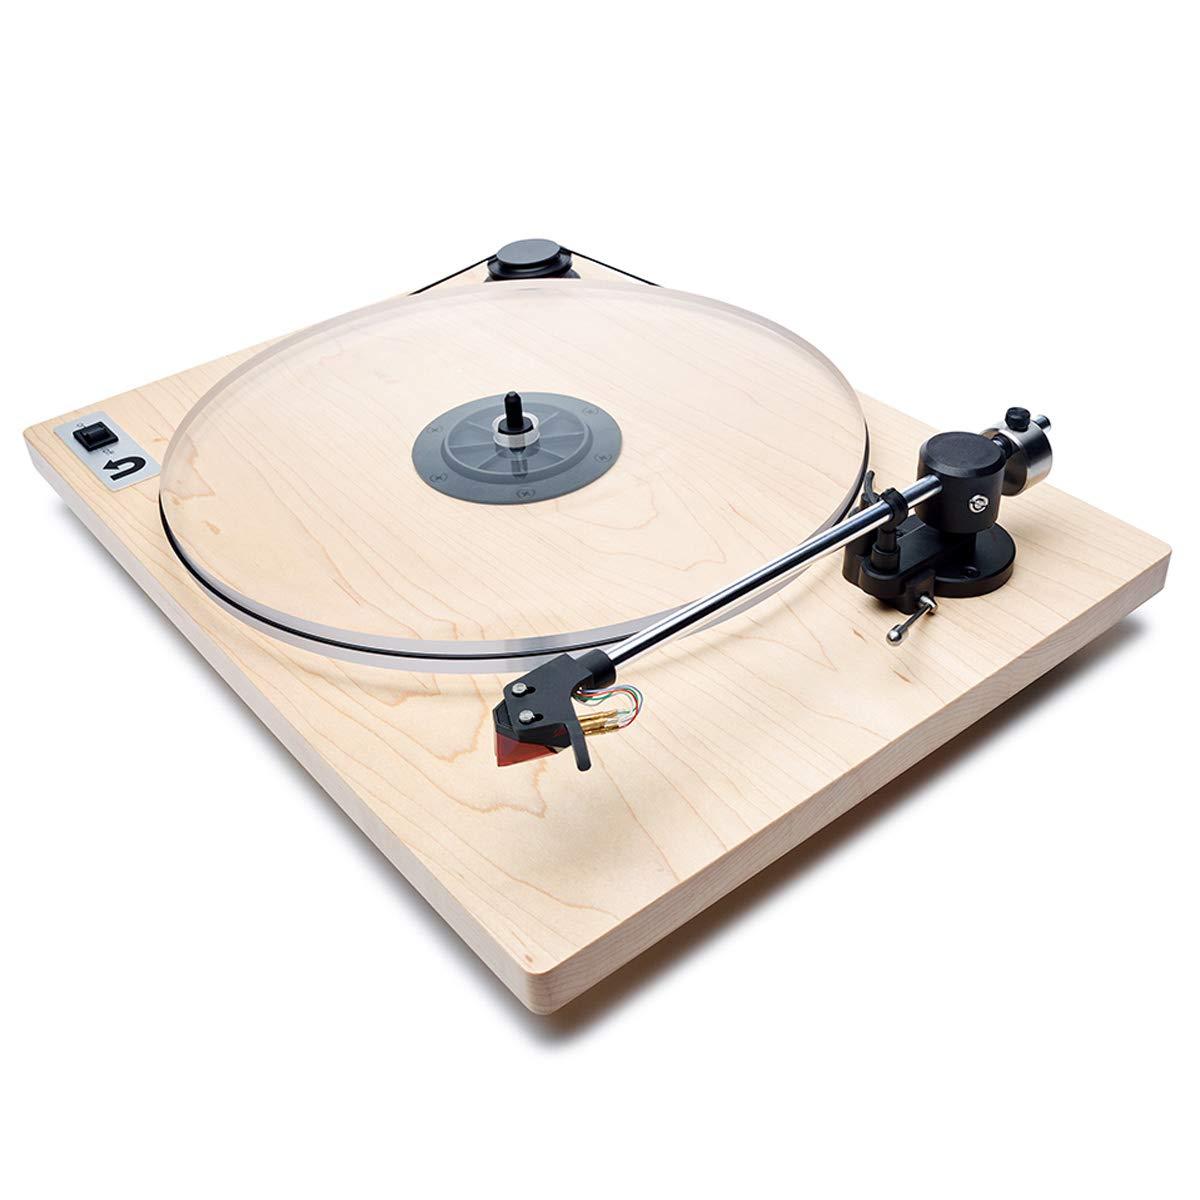 U-Turn Audio - Orbit Special - Tocadiscos: Amazon.es: Electrónica